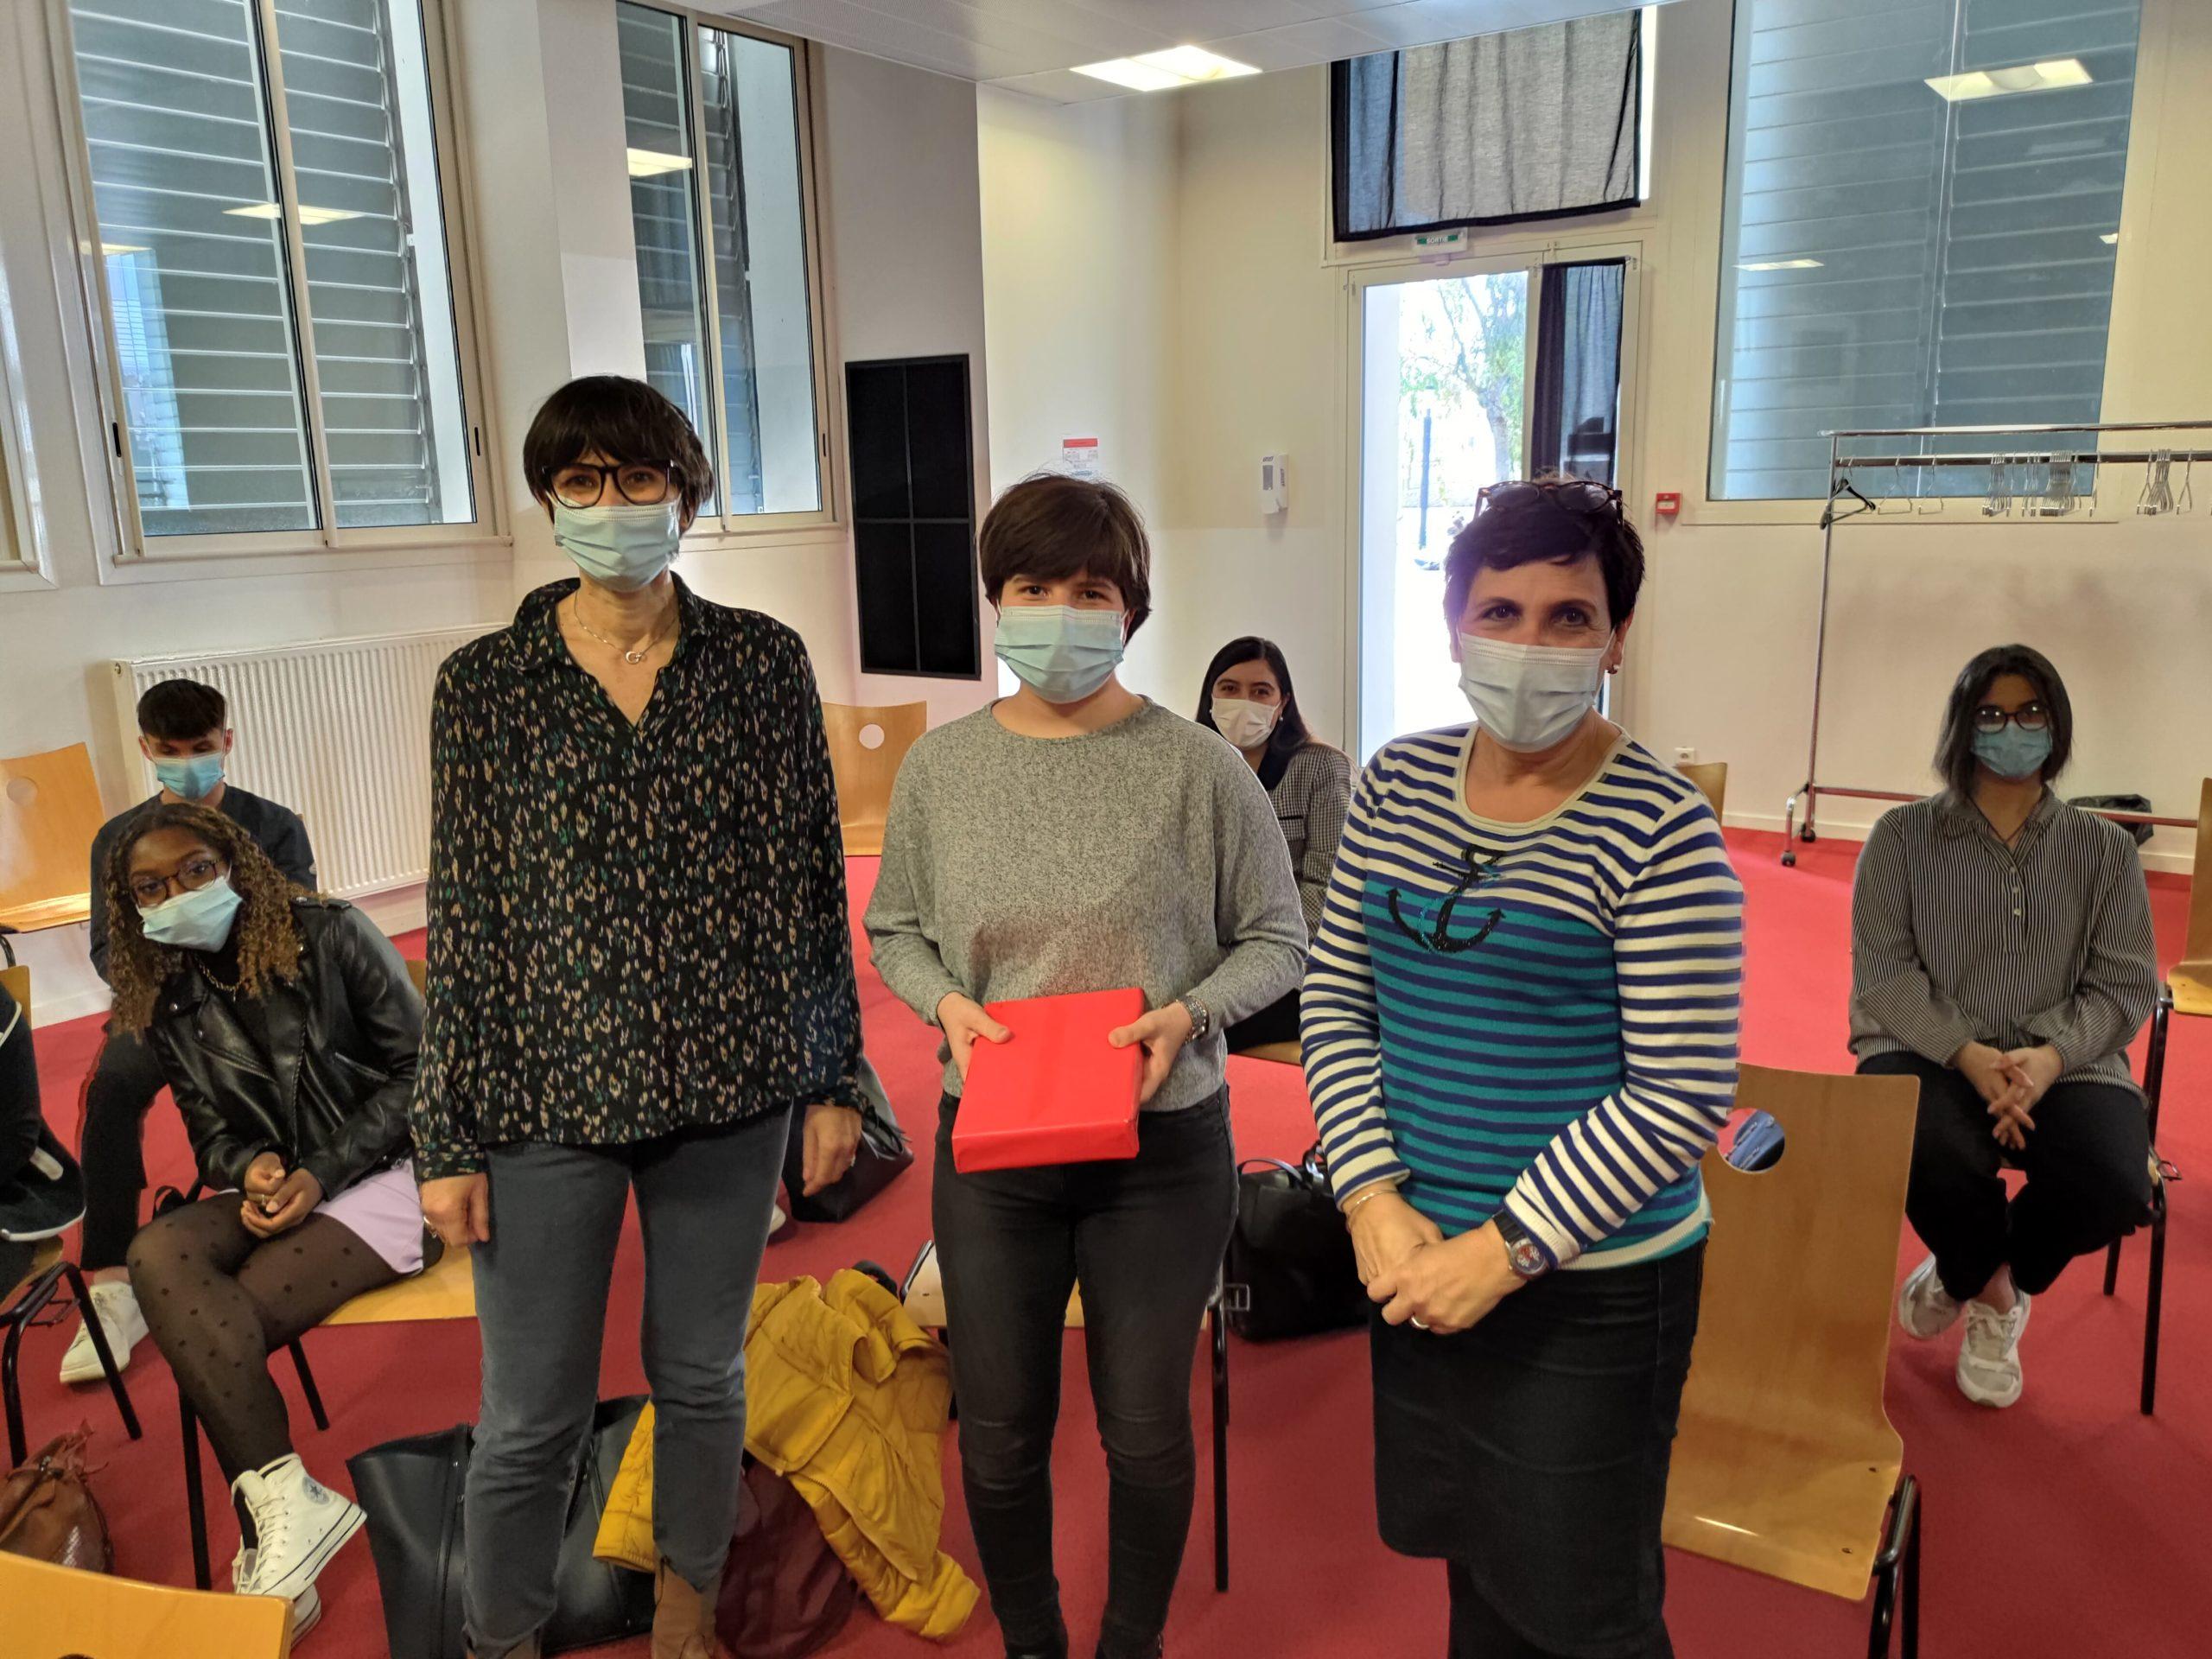 Remise du Premier Prix des Lycéens 2021 au Lycée Jean Lurçat de Perpignan